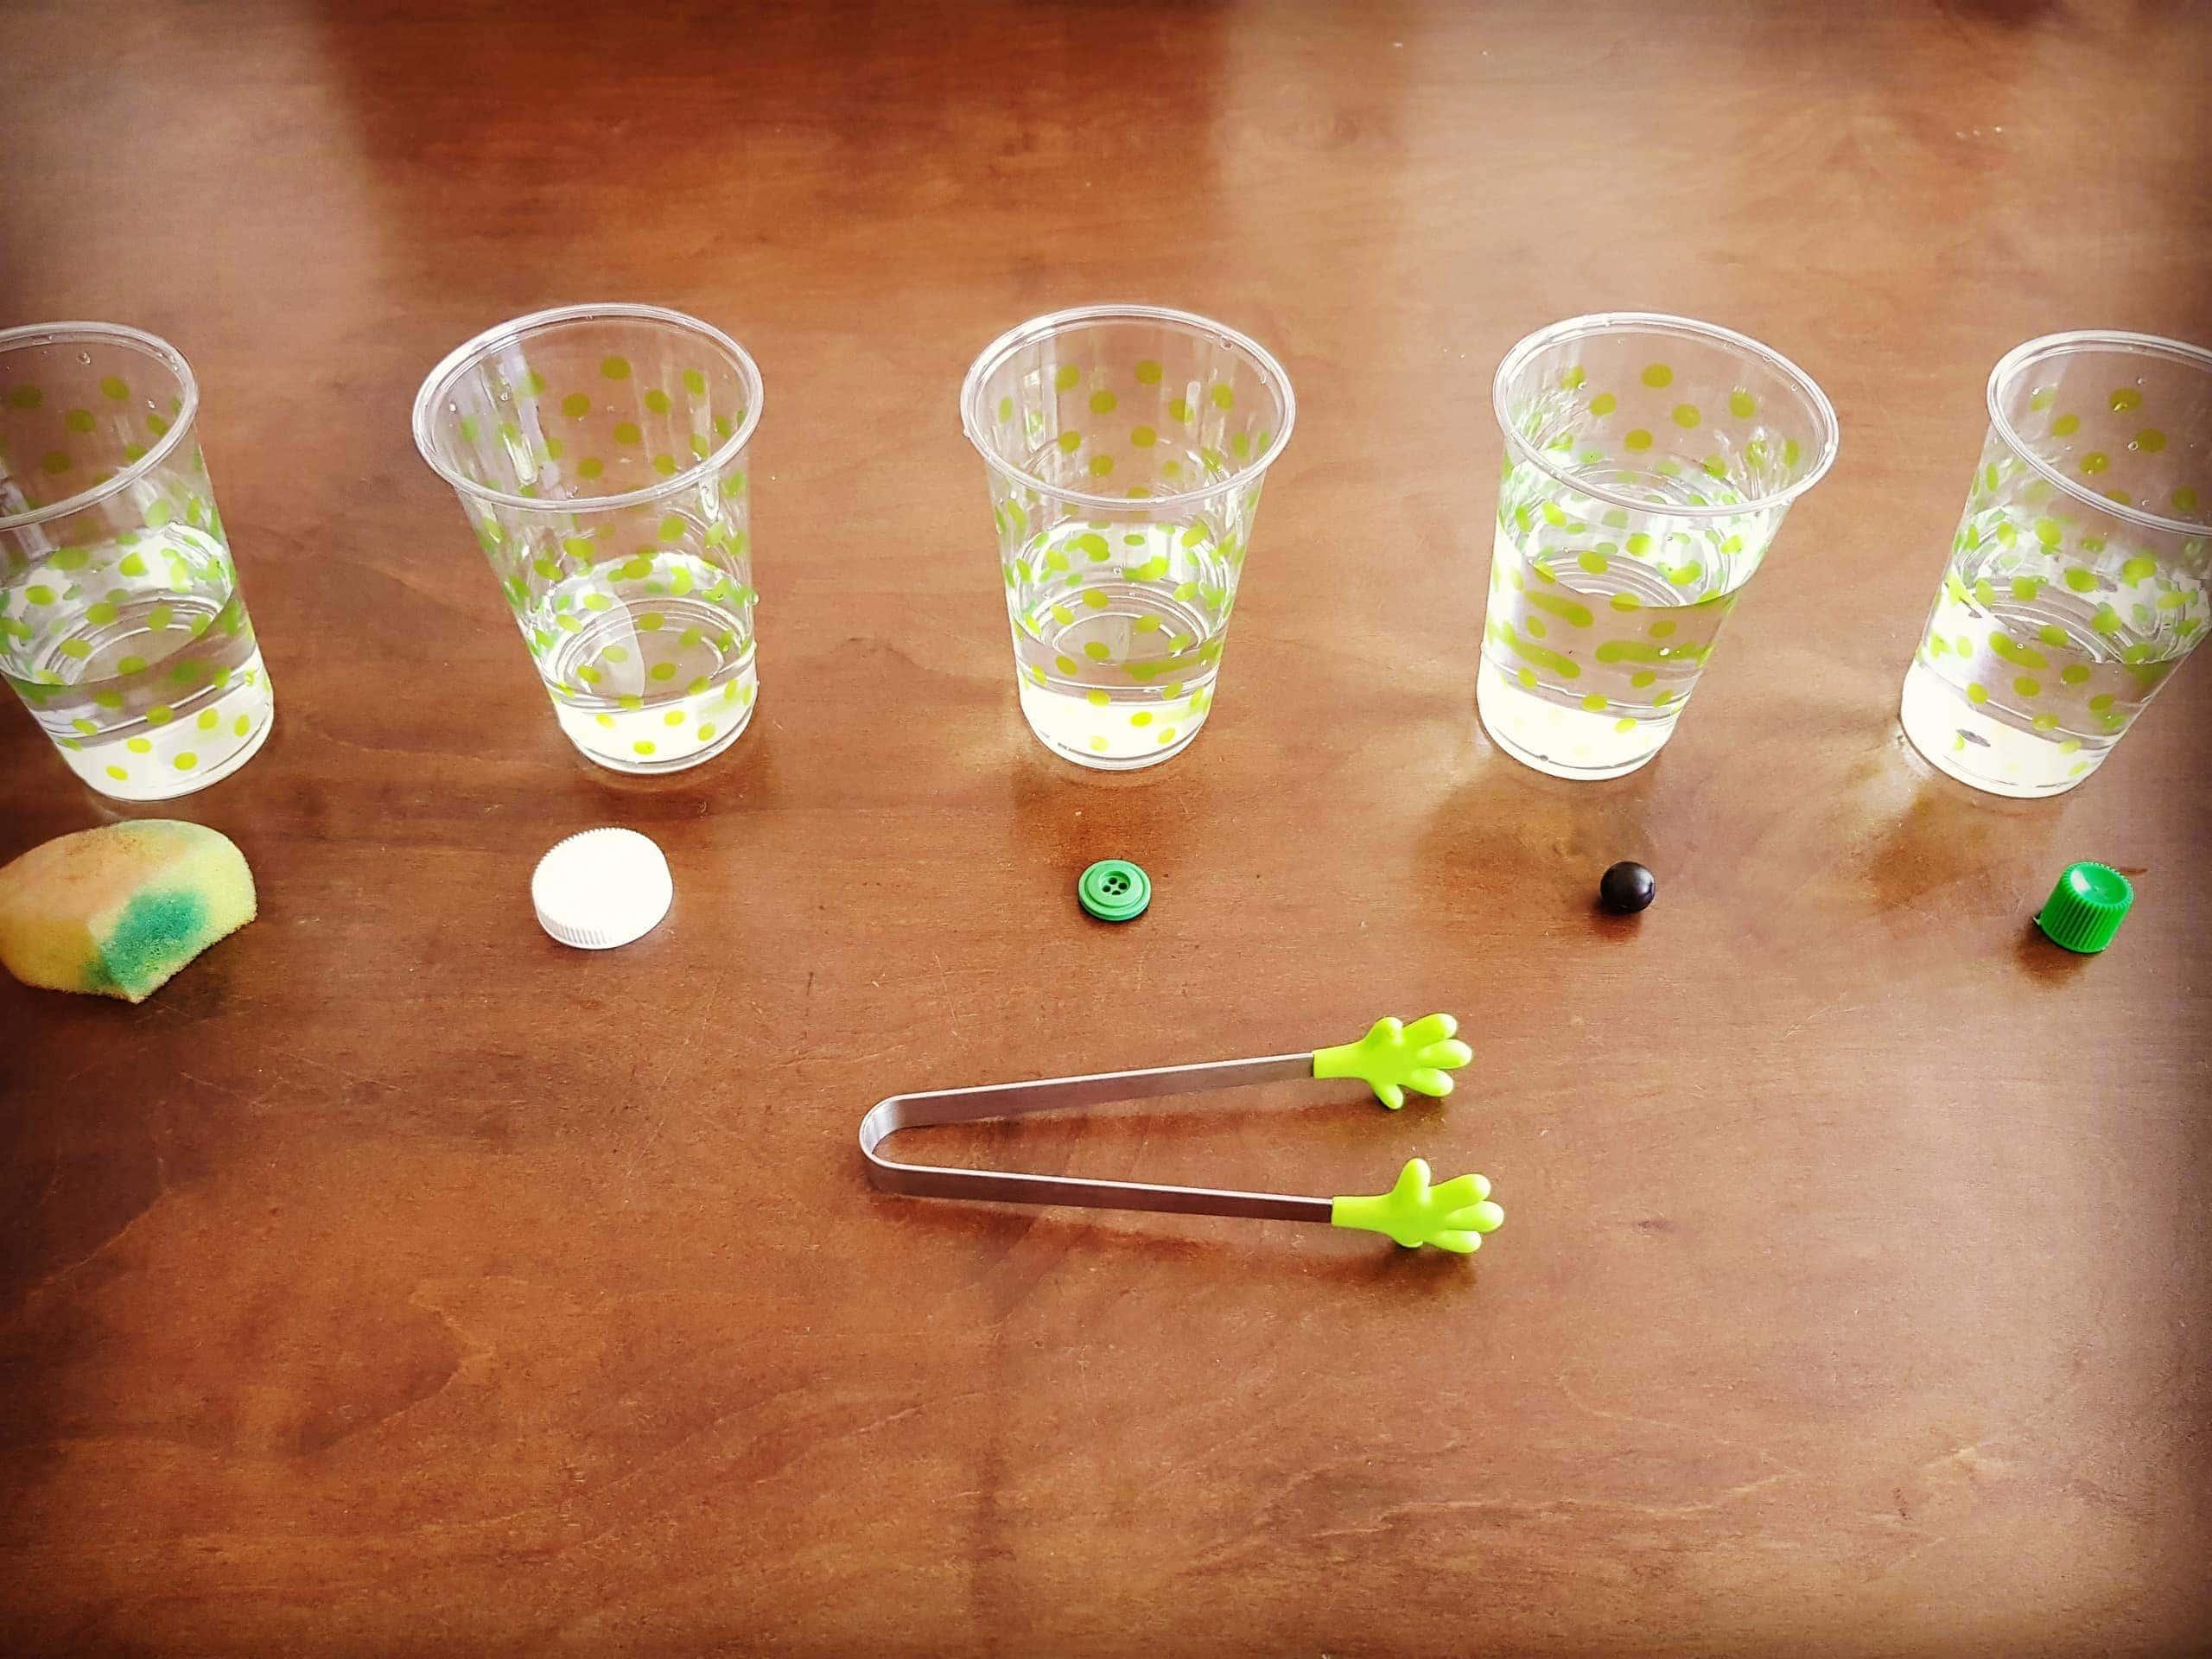 צף או שוקע - רעיונות לפעילויות חורף עם קטנטנים | צילום: מאיה גבע